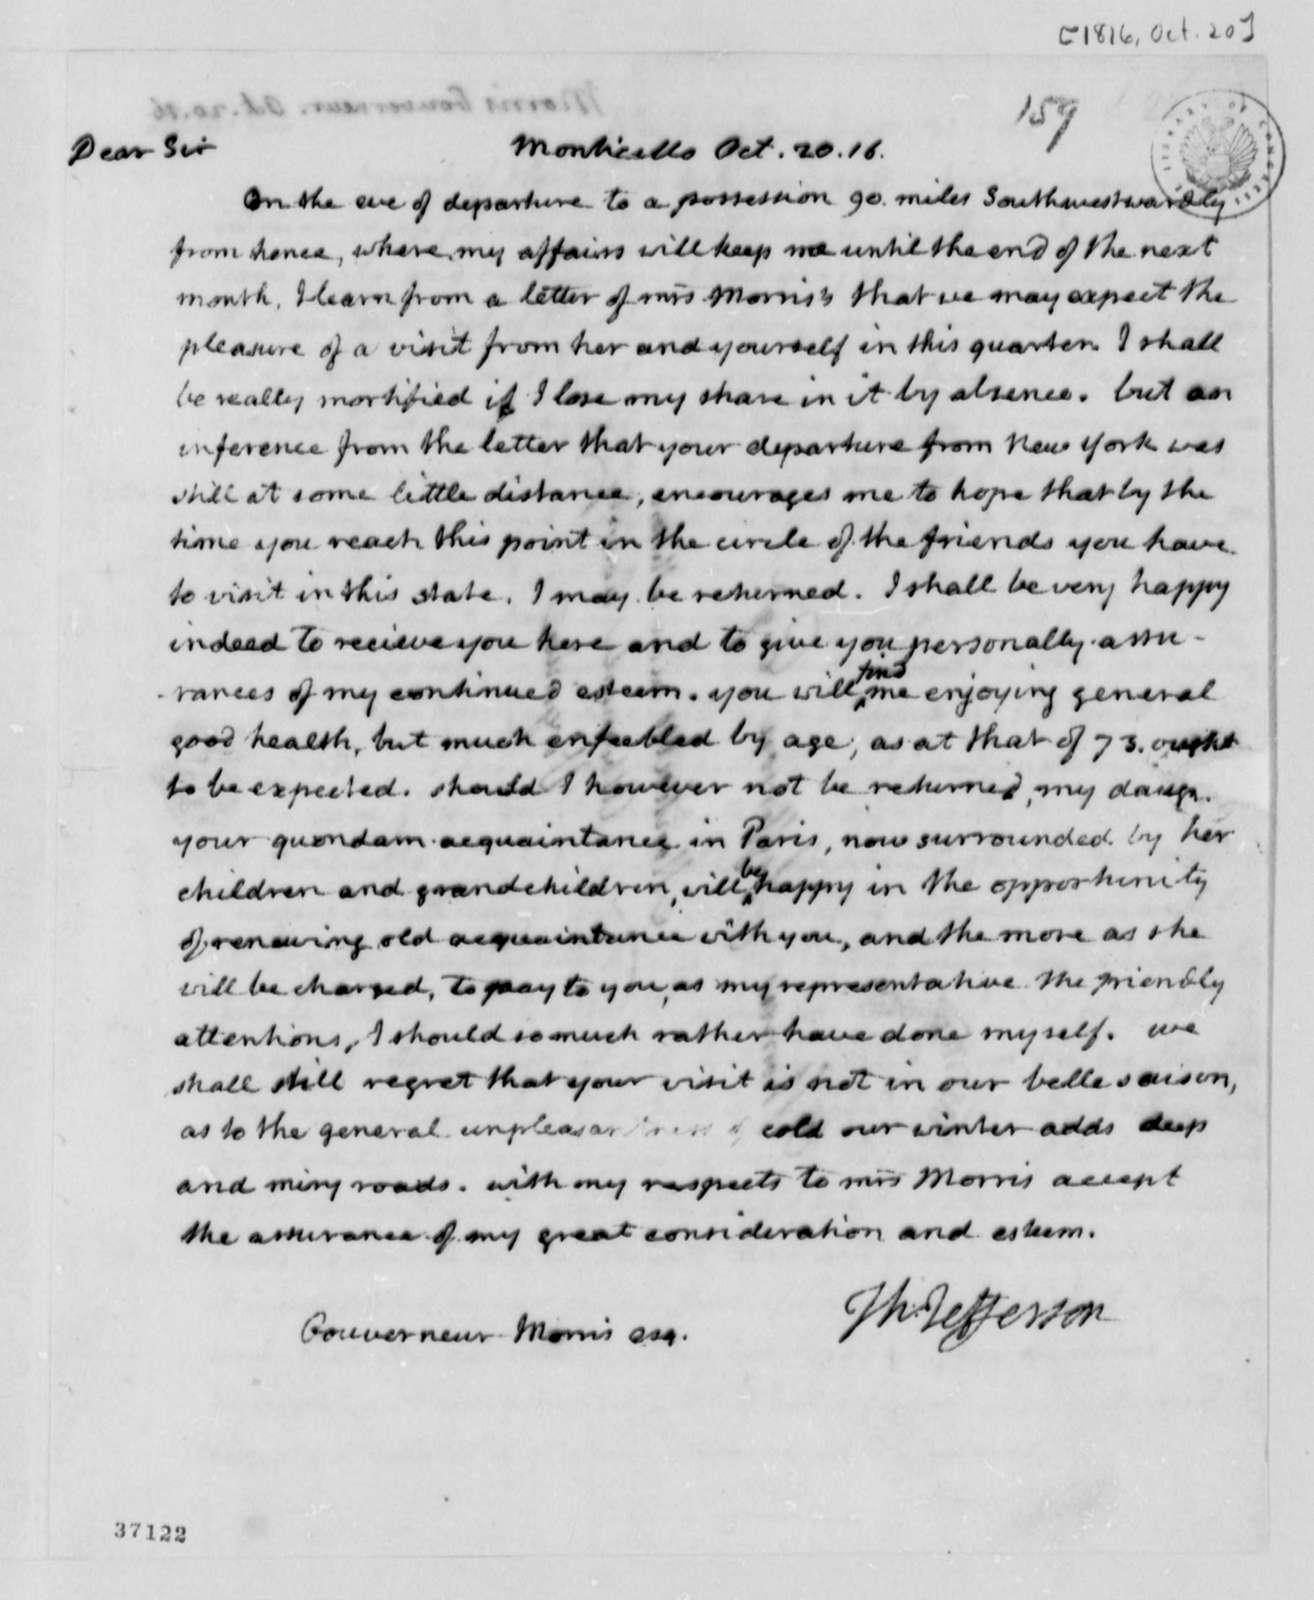 Thomas Jefferson to Gouverneur Morris, October 20, 1816